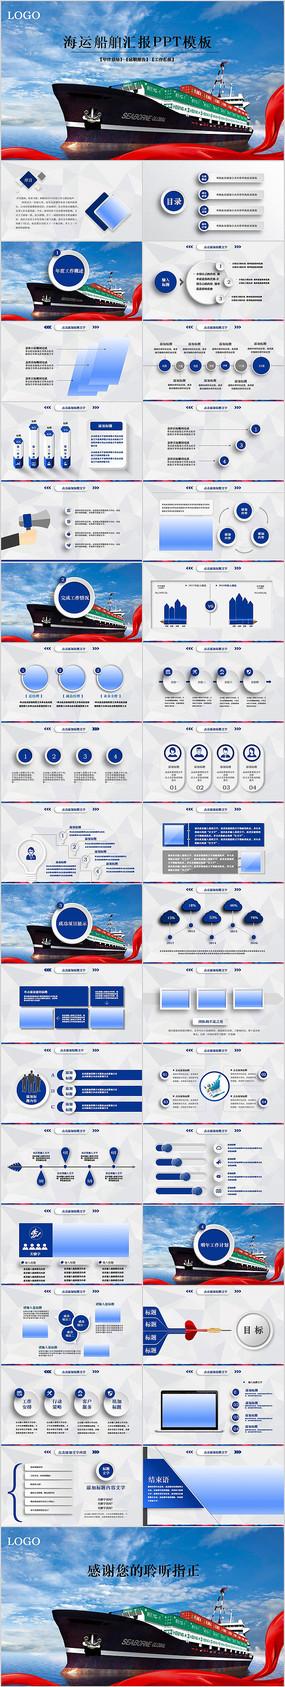 蓝色大气海运船舶动态PPT模板